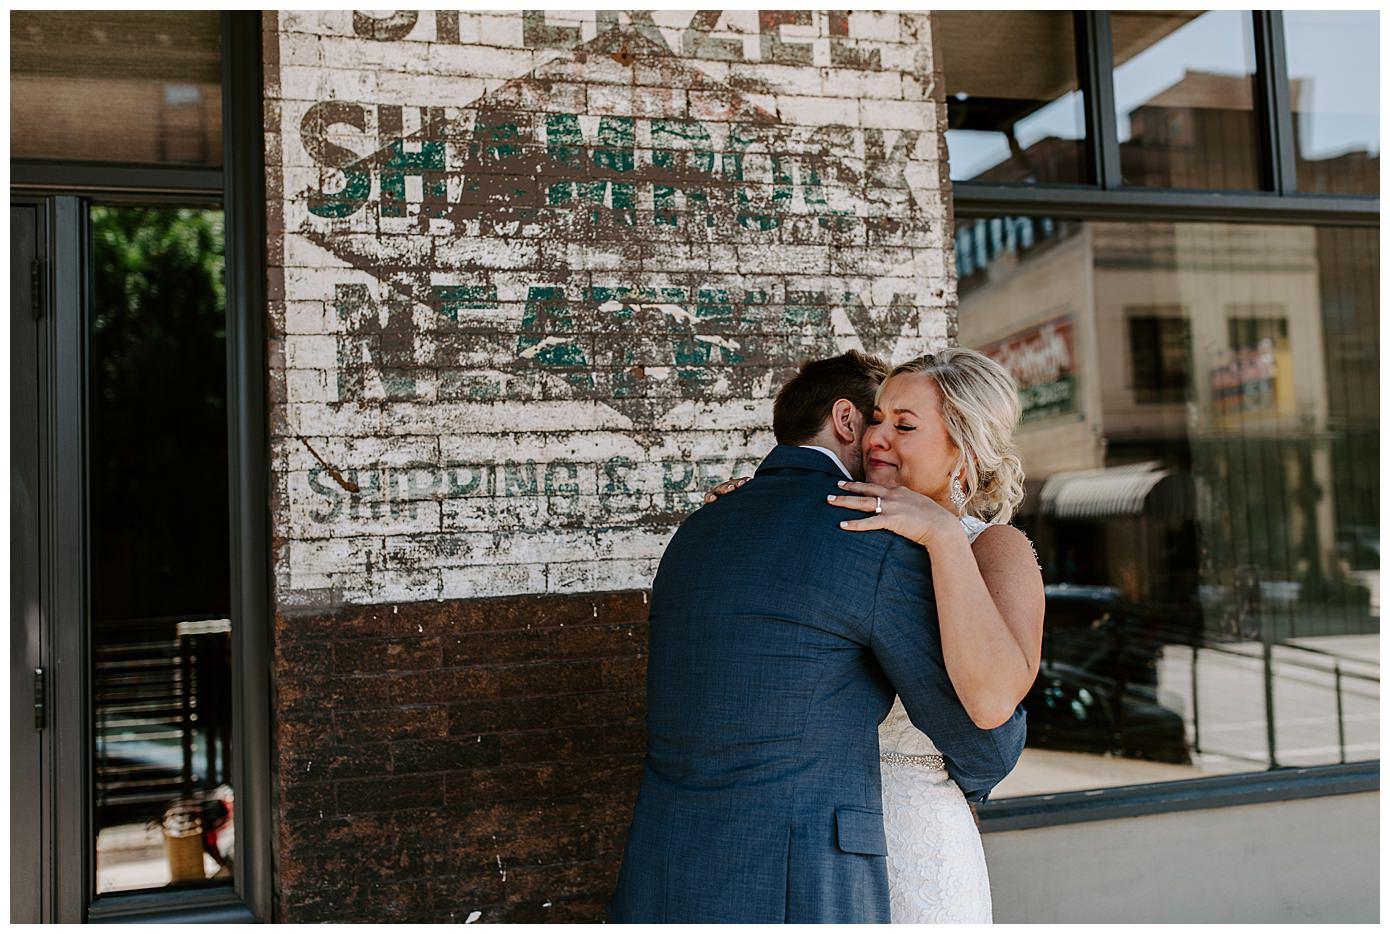 lumber exchange wedding minneapolis mn_0347.jpg